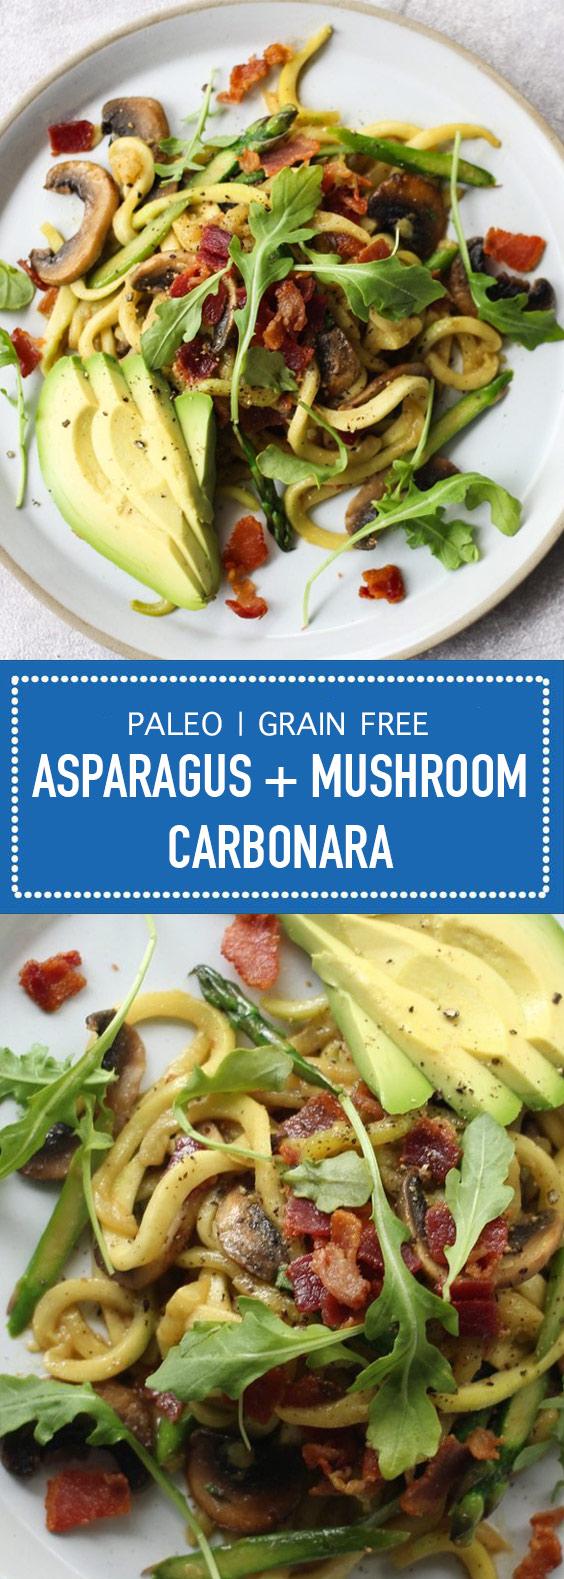 Asparagus & Mushroom Carbonara